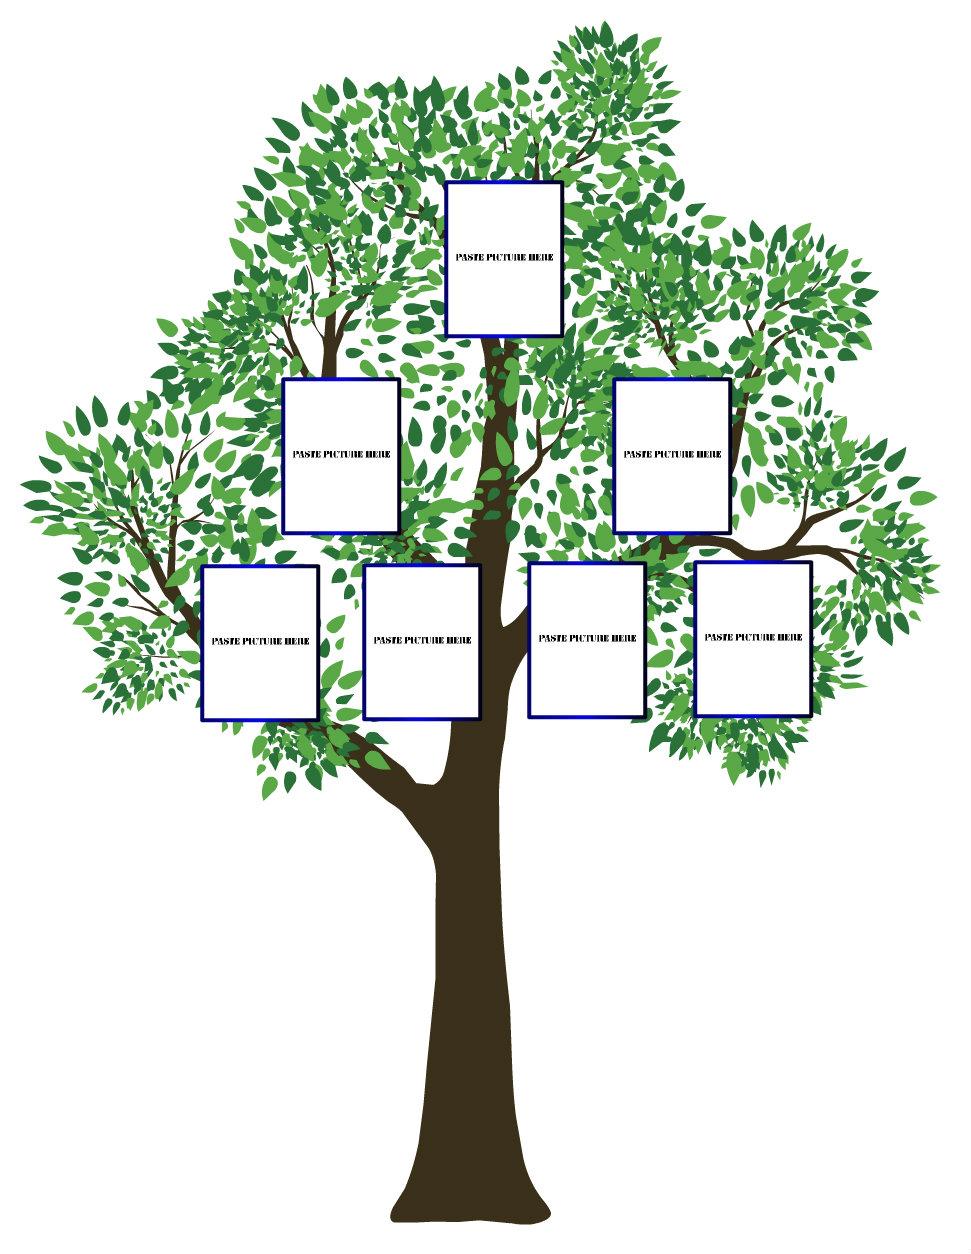 Free Editable Family Tree Template - Daily Roabox | Daily ... |Empty Family Tree